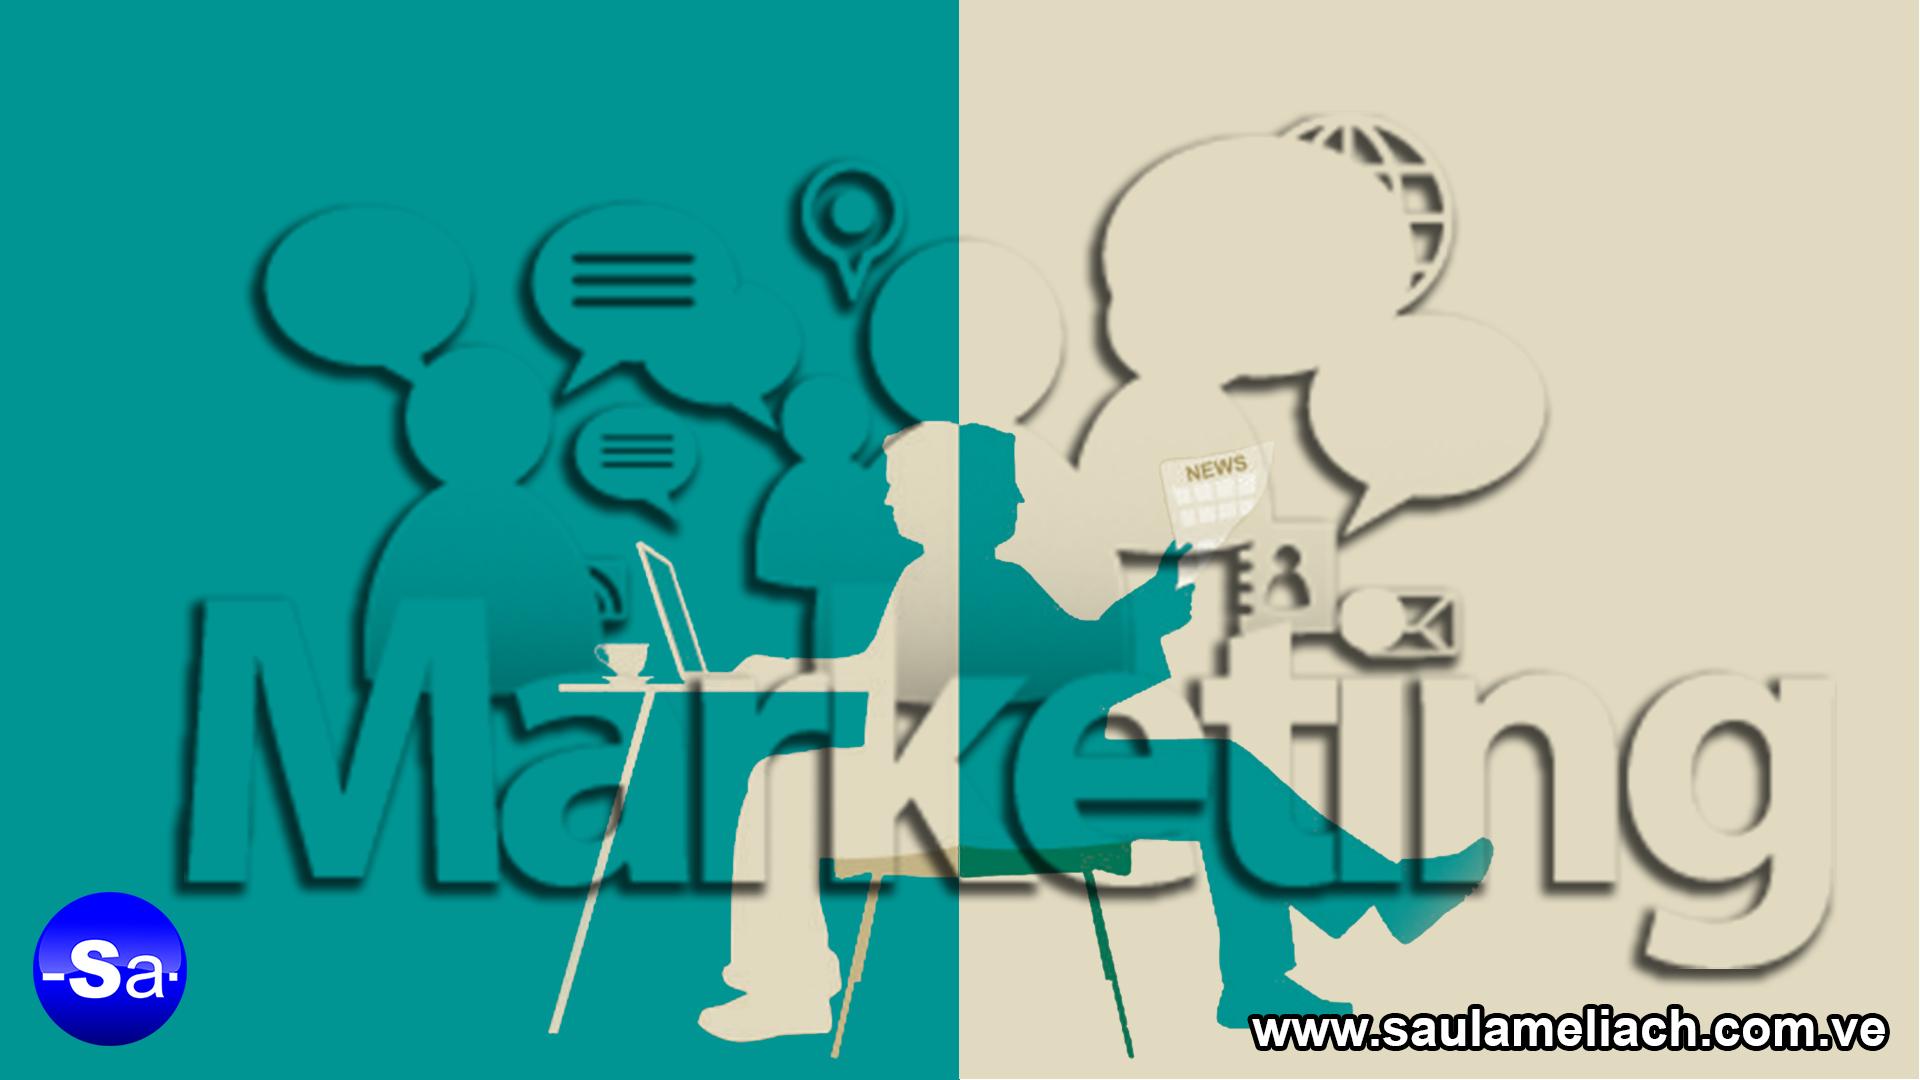 Saul Ameliach Marketing Digital y Marketing Online